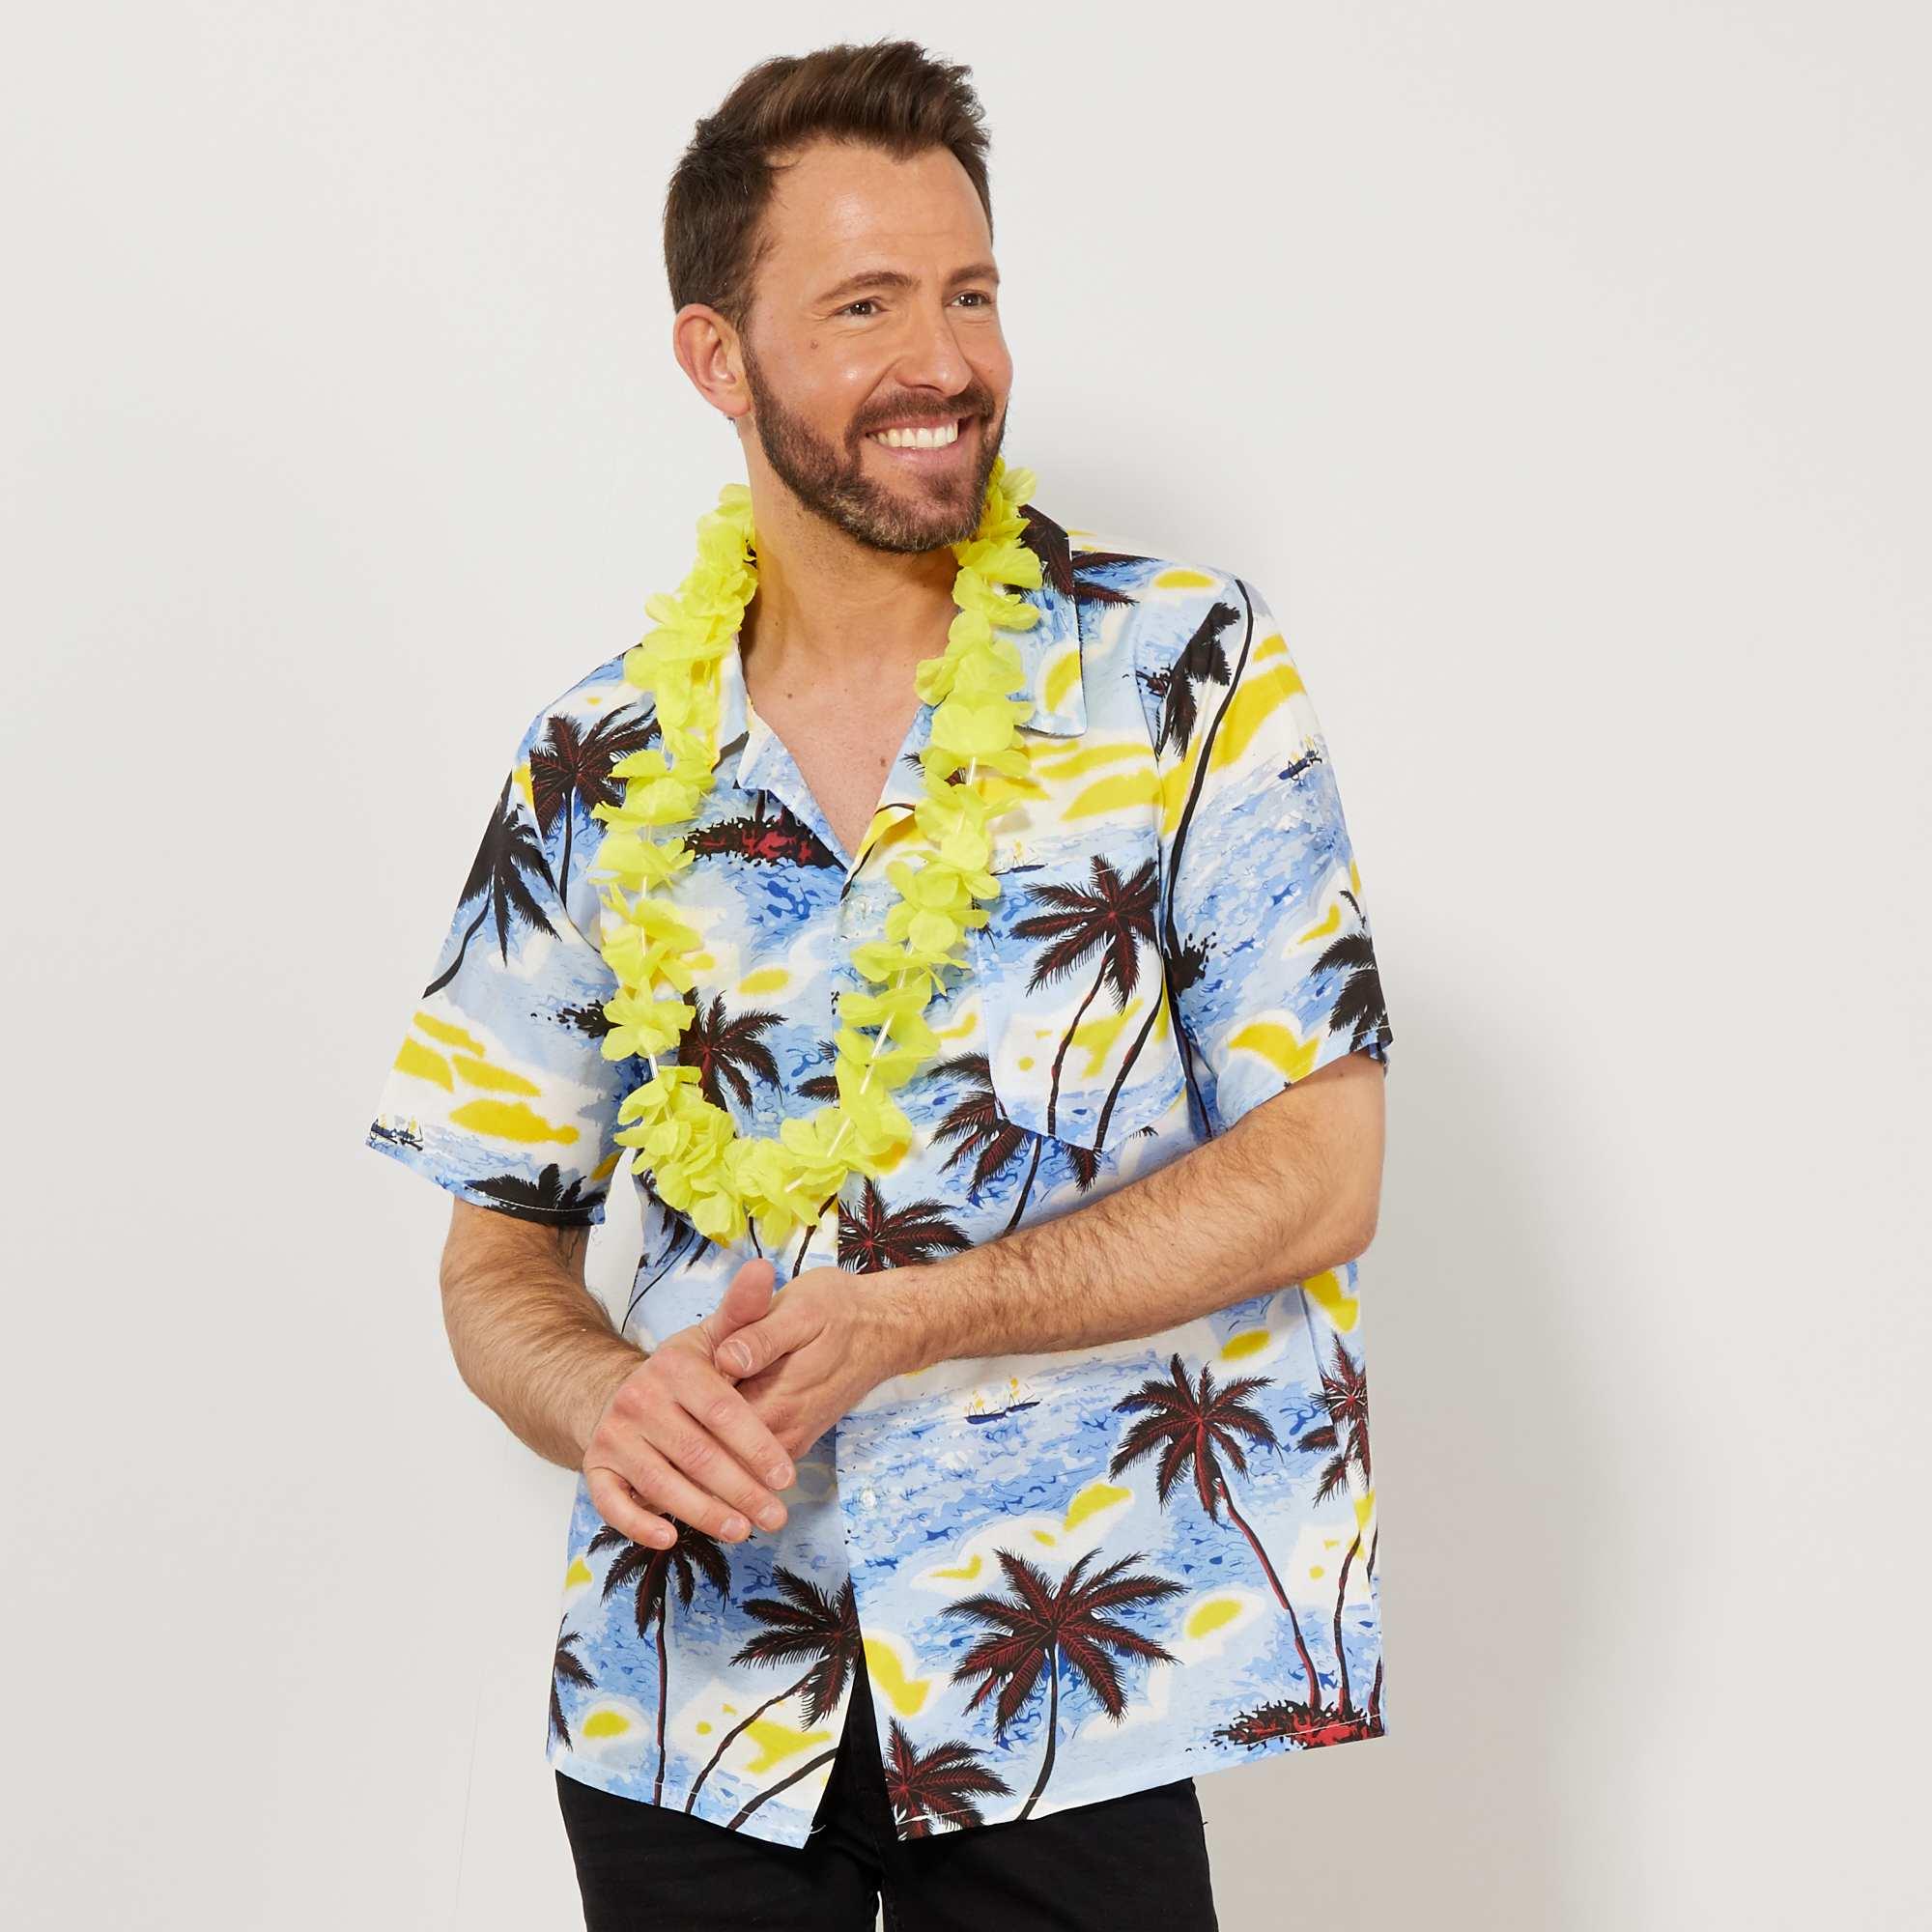 Couleur : bleu, , ,, - Taille : M/L, , ,,Embarquez pour Honolulu en toute décontraction ! - Chemise Hawaienne manches courtes -